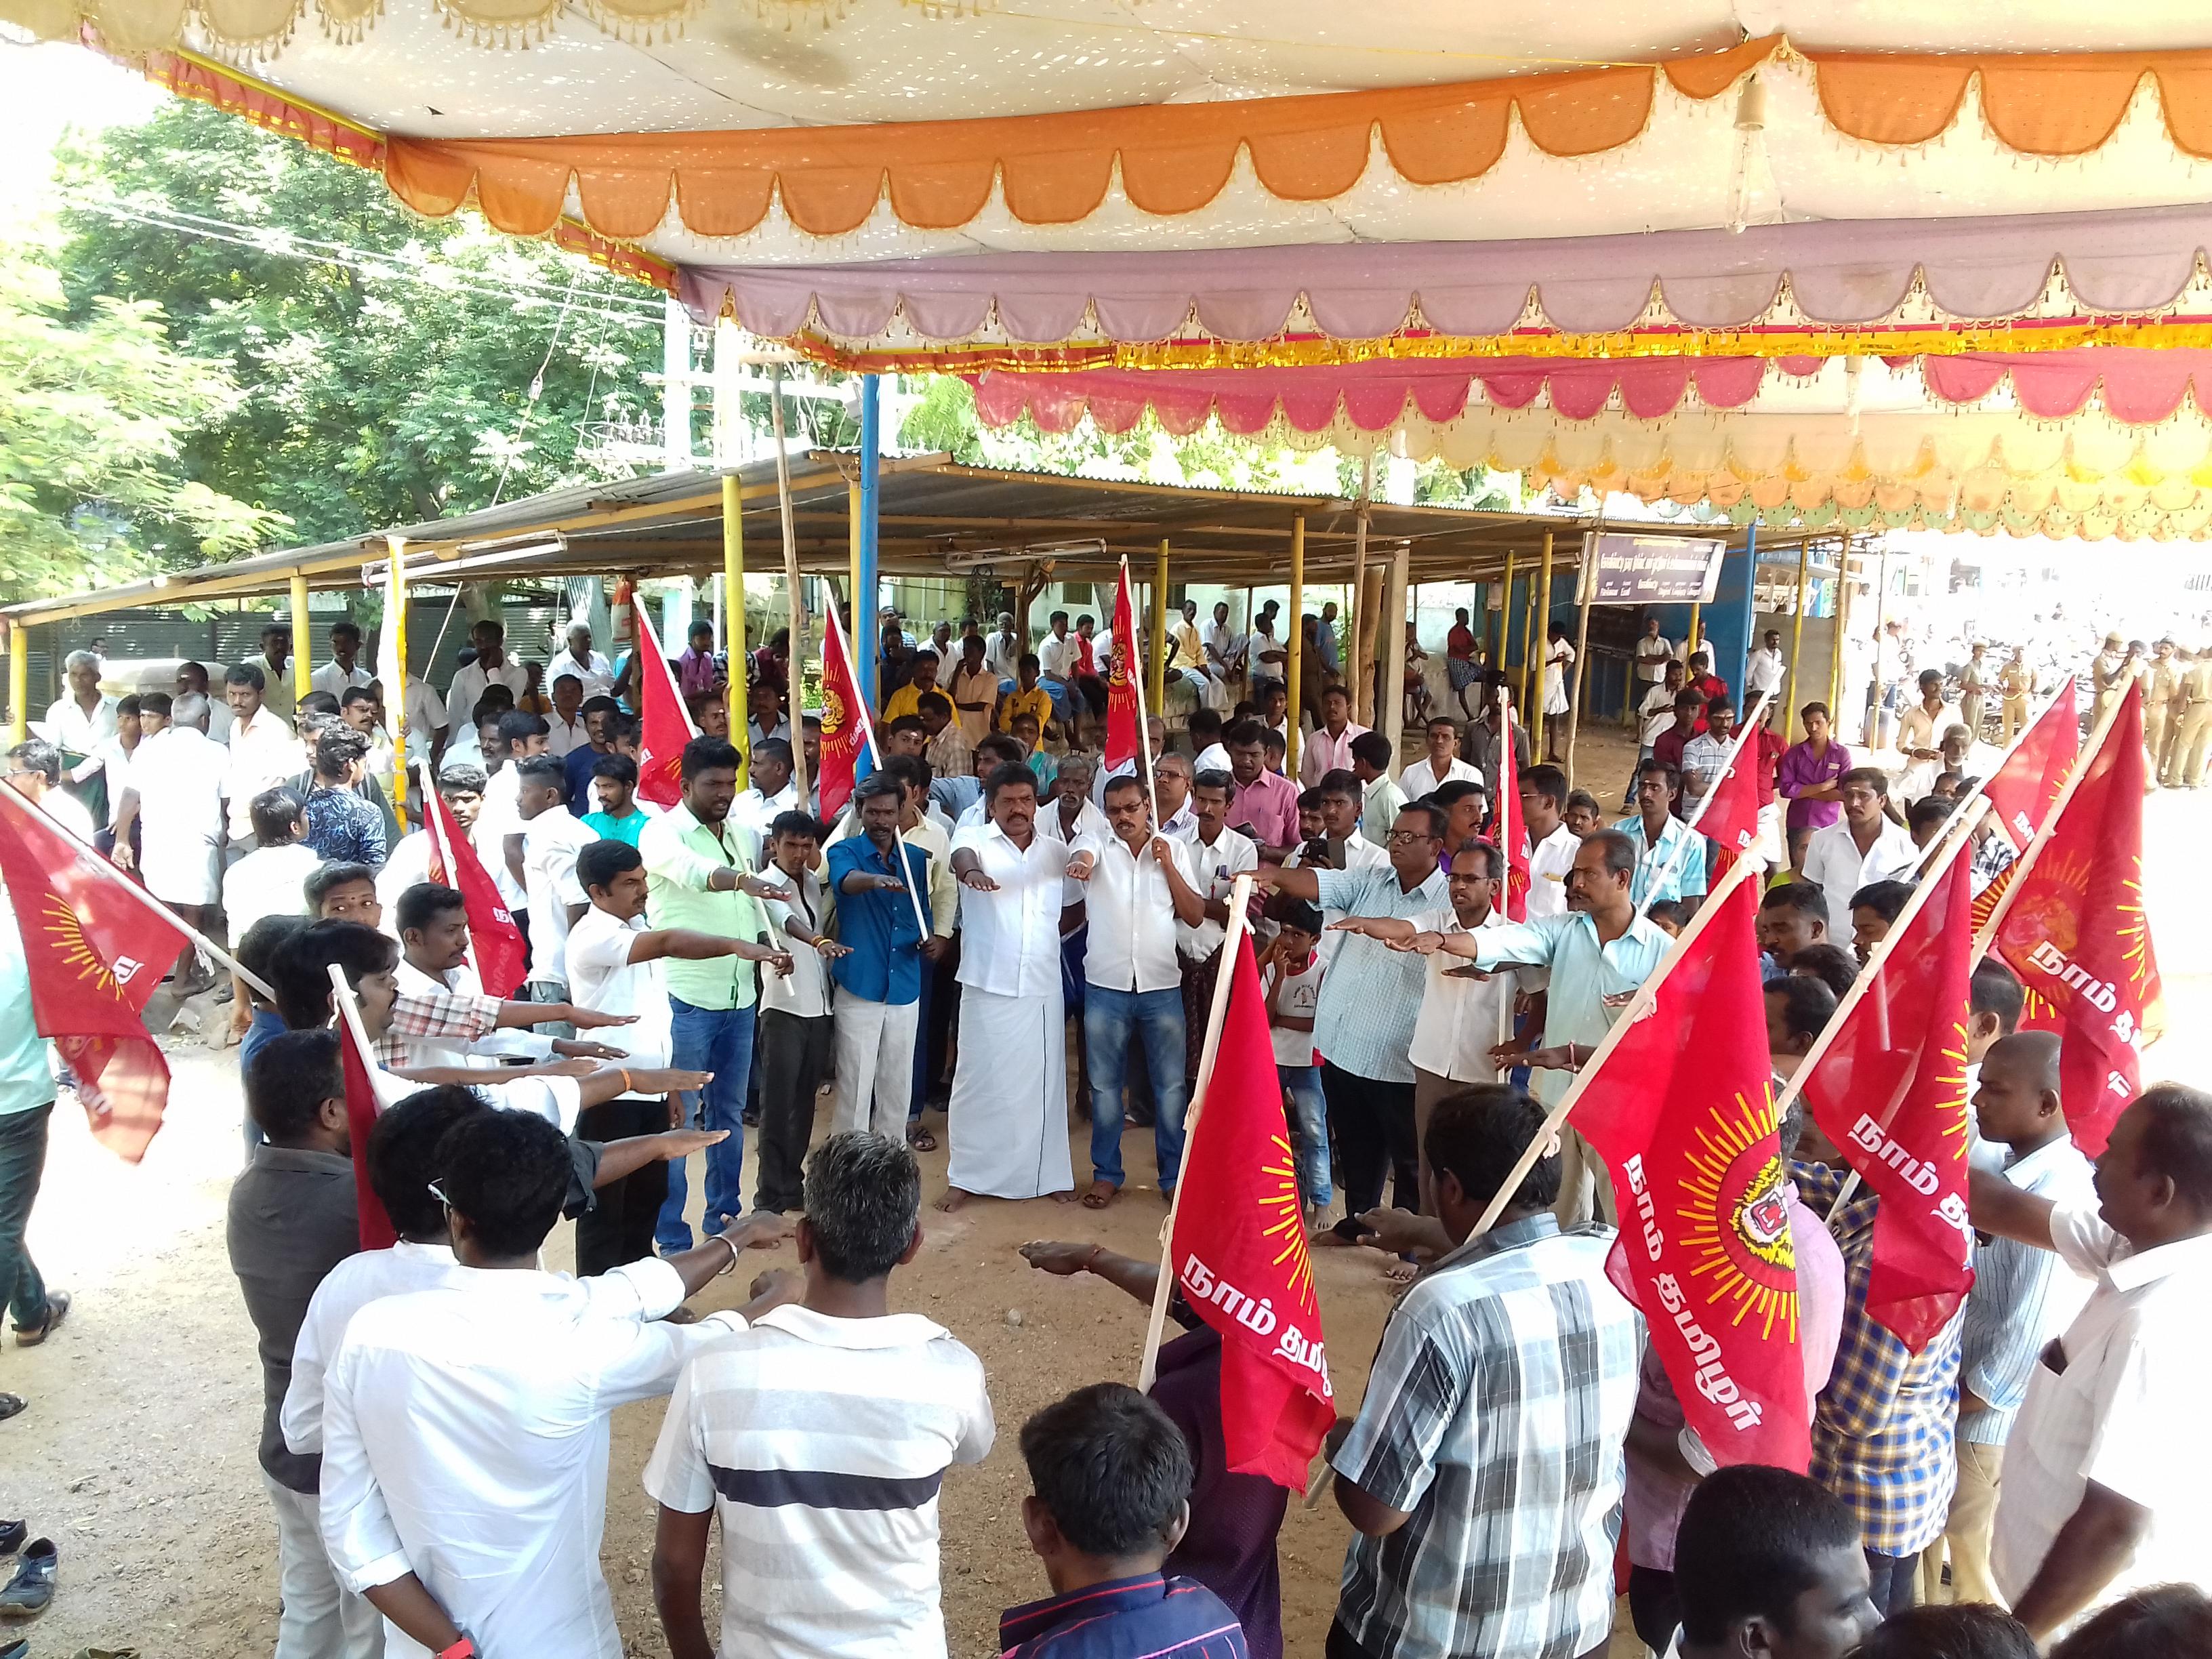 உ.முத்துராமலிங்கத்தேவர் அவர்களின் 55வது நினைவு நாள் மலர்வணக்கம்-கோவில்பட்டி